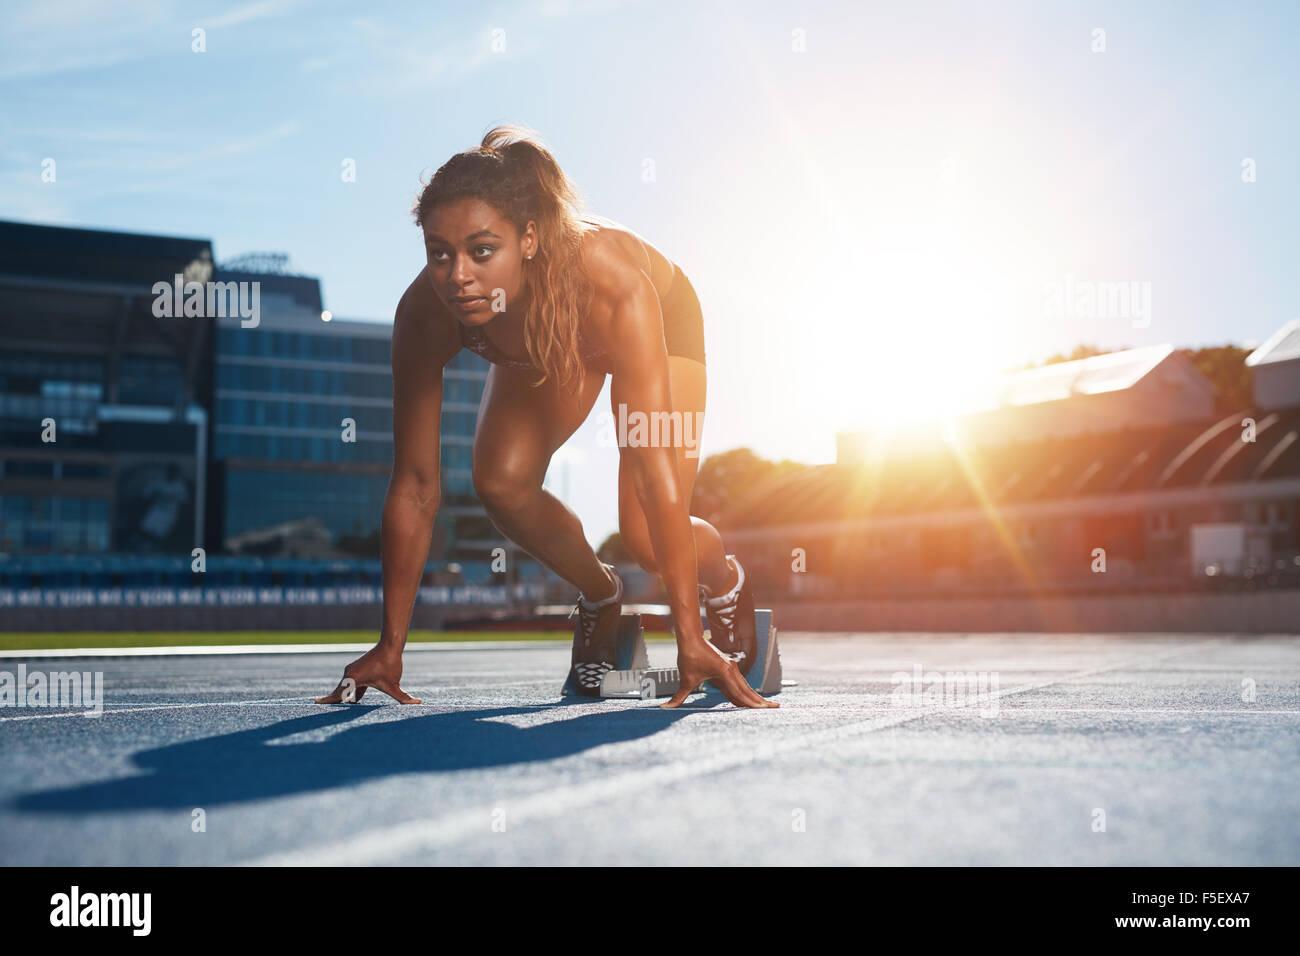 Zuversichtlich Sportlerin in Startposition für den Betrieb bereit. Junge Frau kurz vor dem start eines Sprints Stockbild